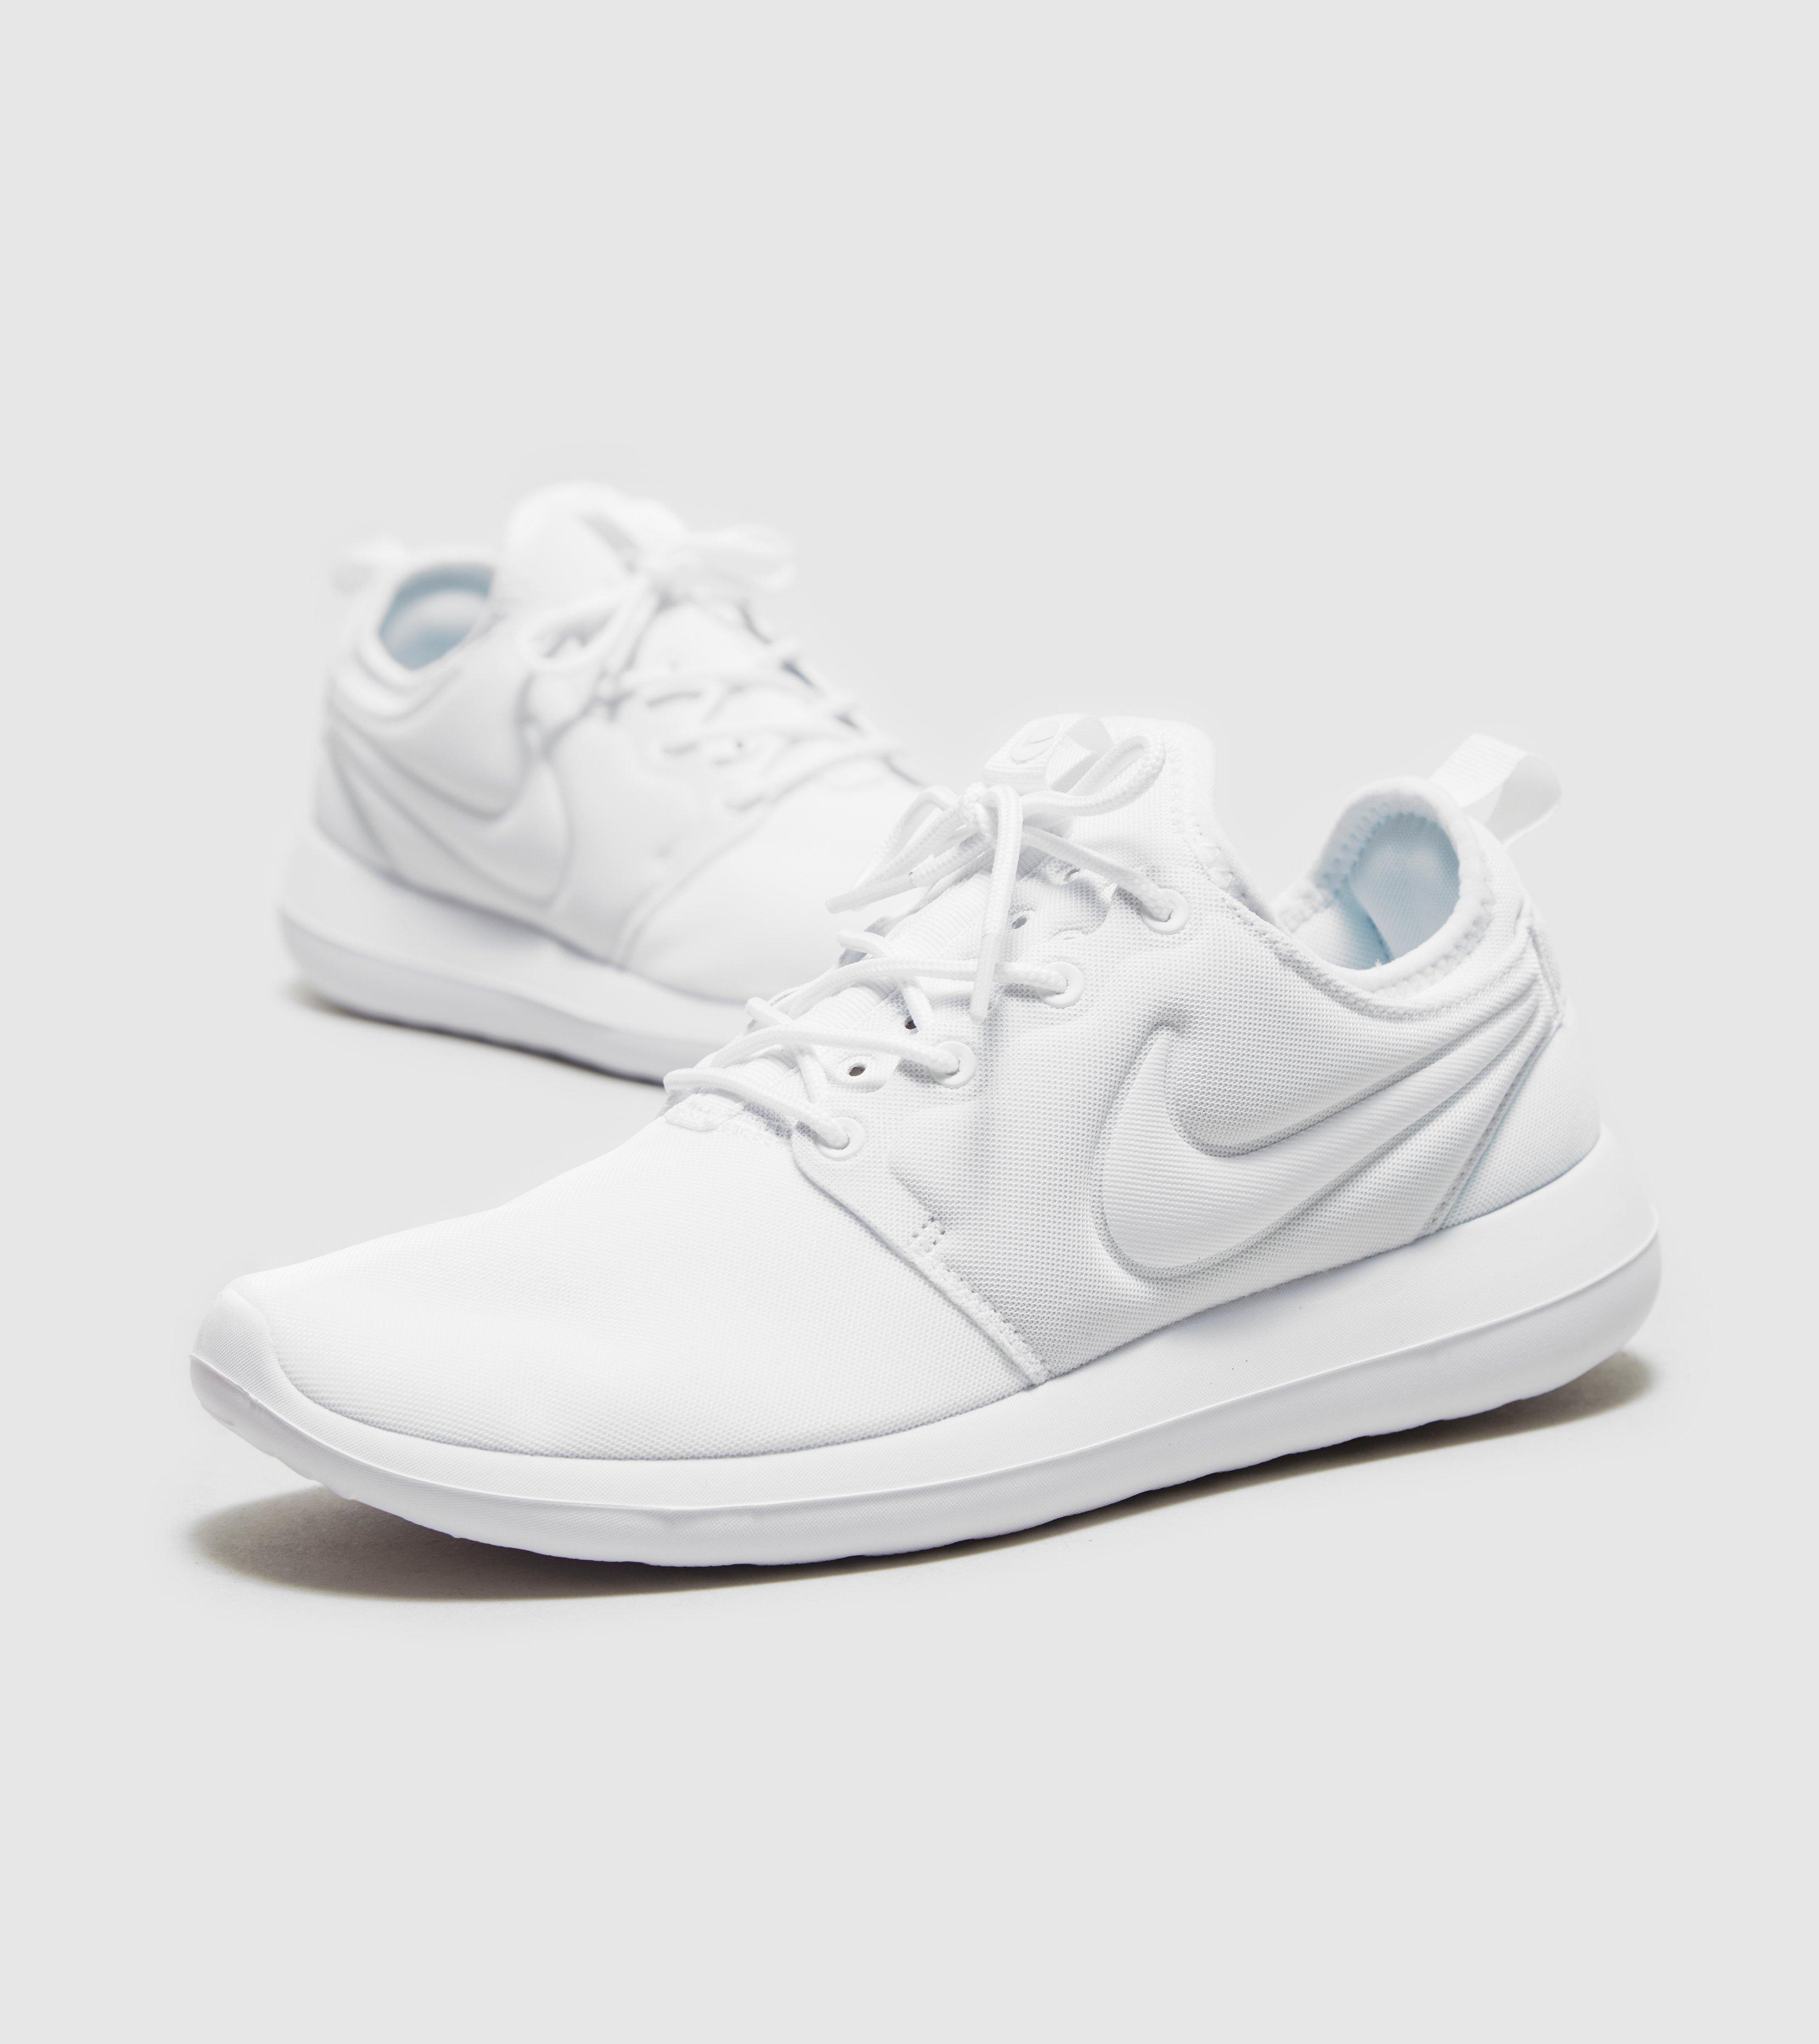 Nike Roshe 2 Femmes Blanches